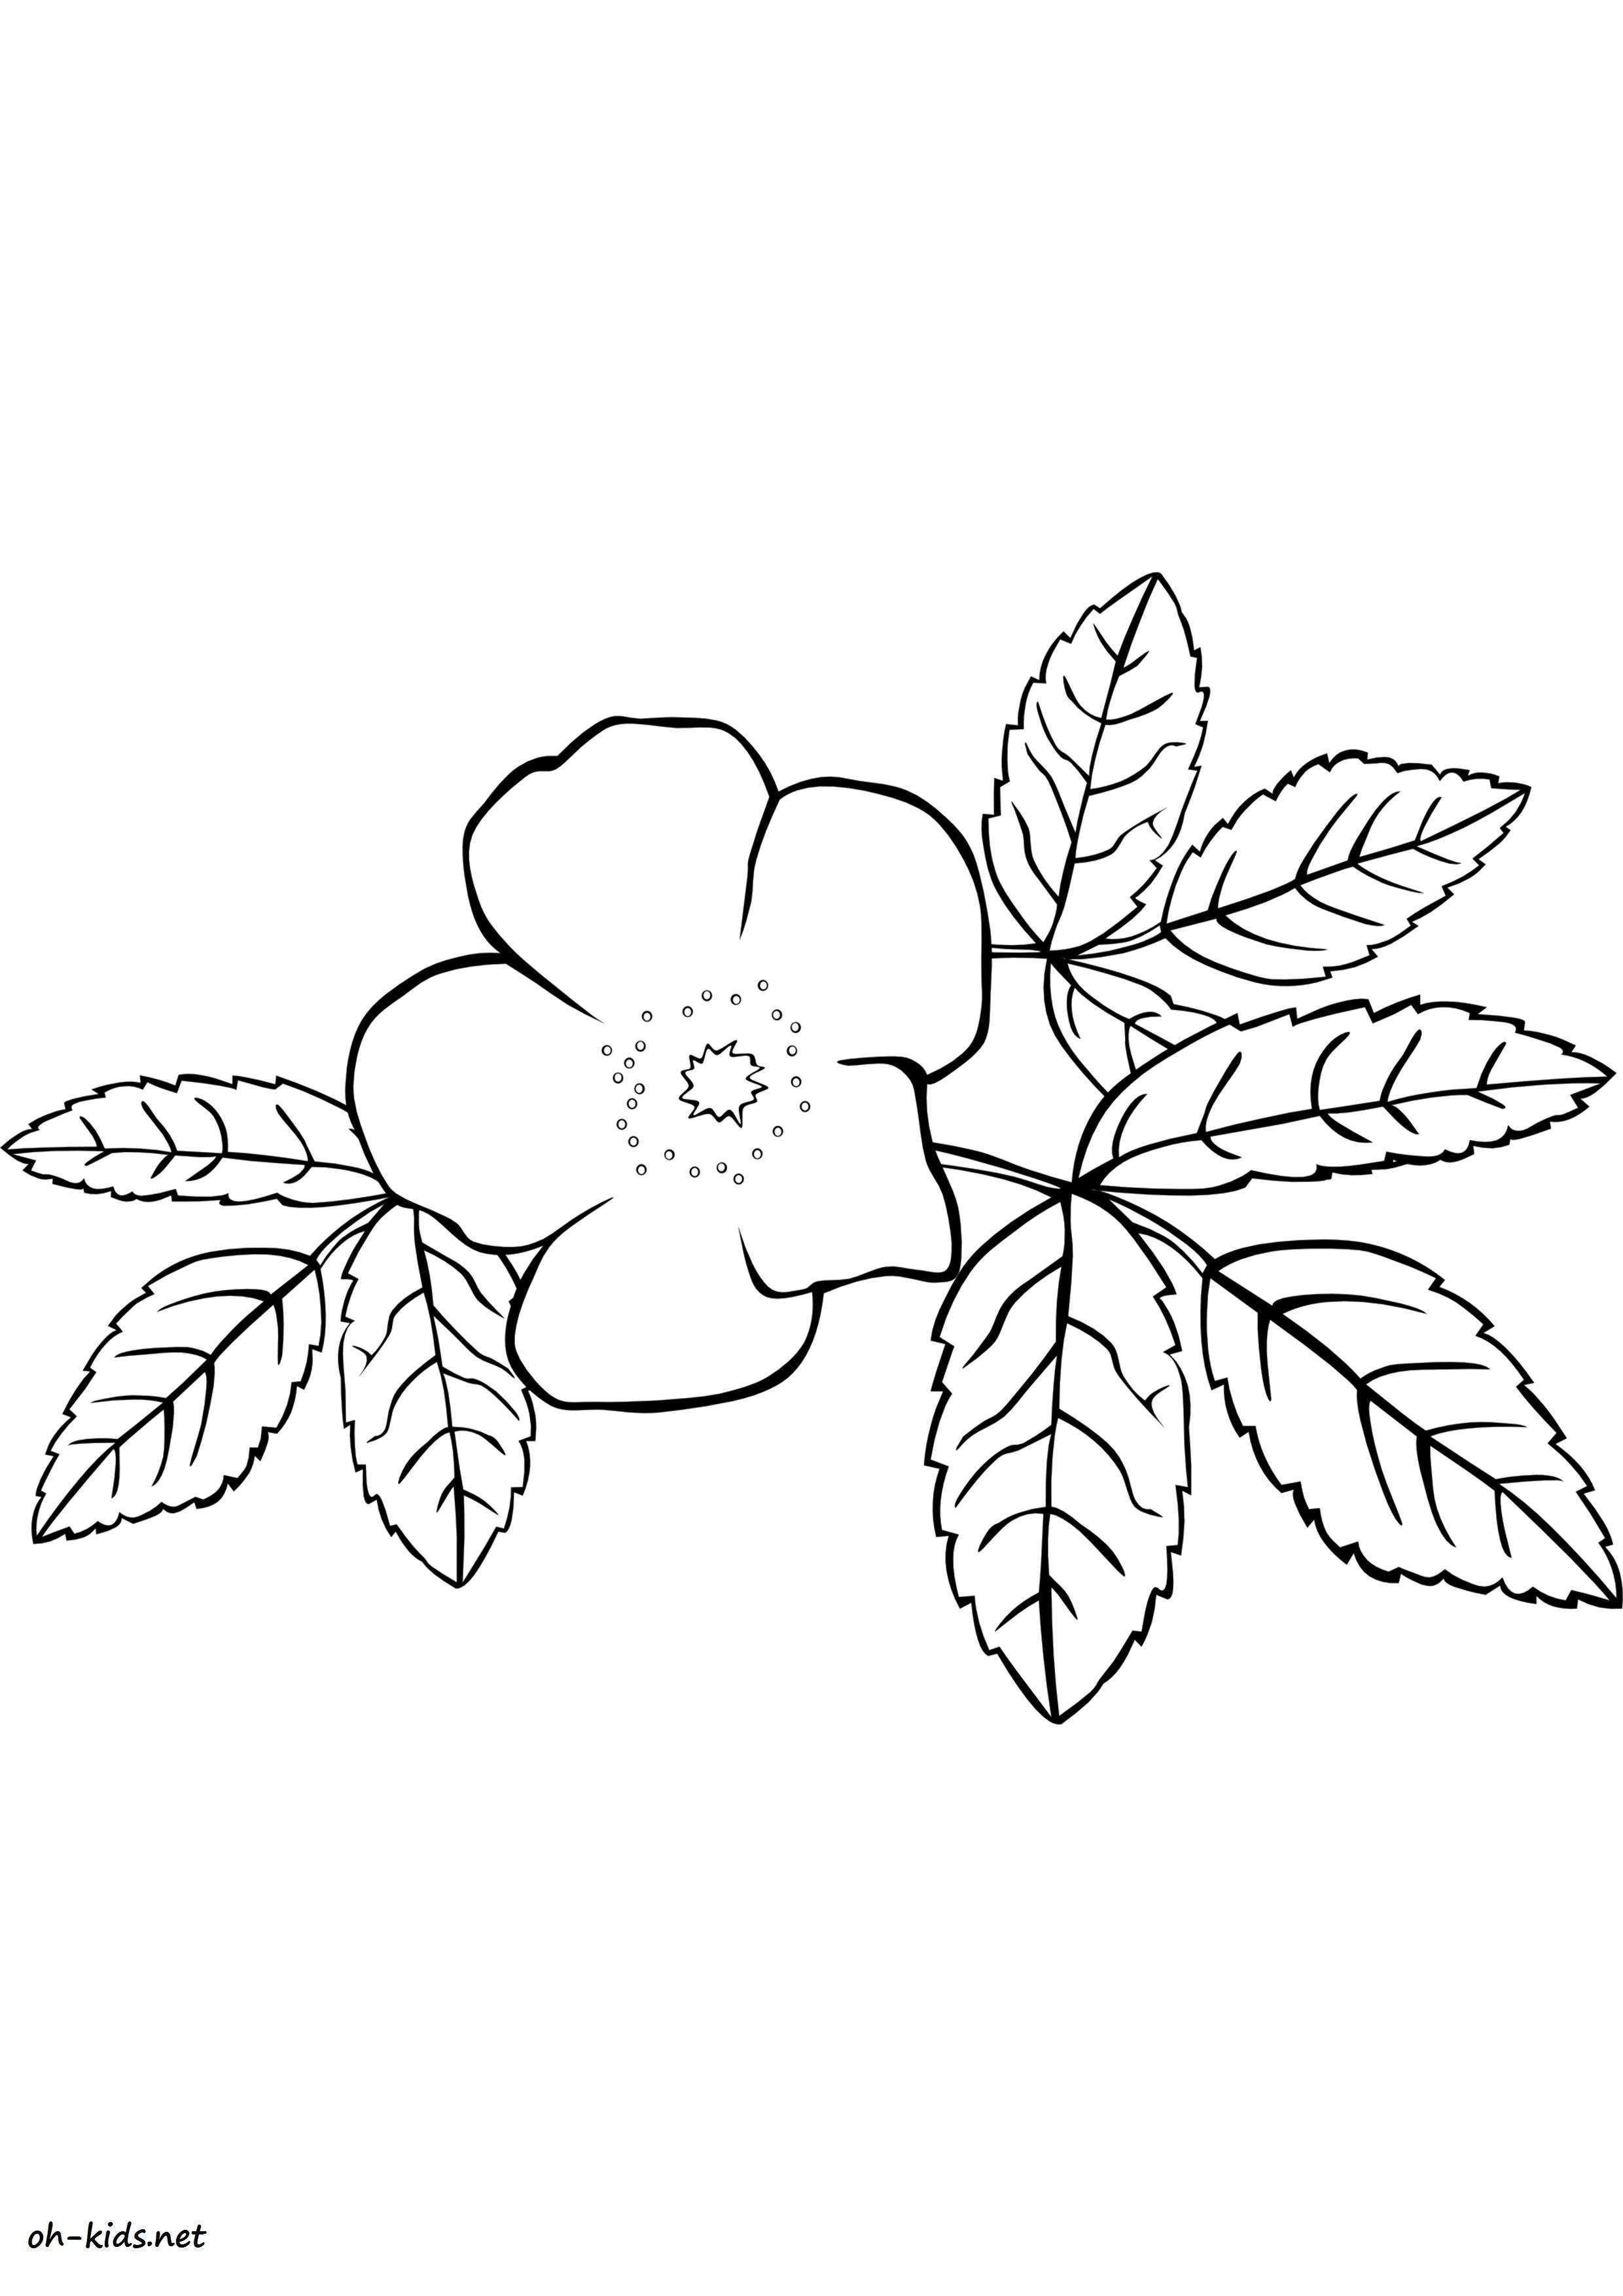 activité coloriage roses gratuit - Dessin #1467